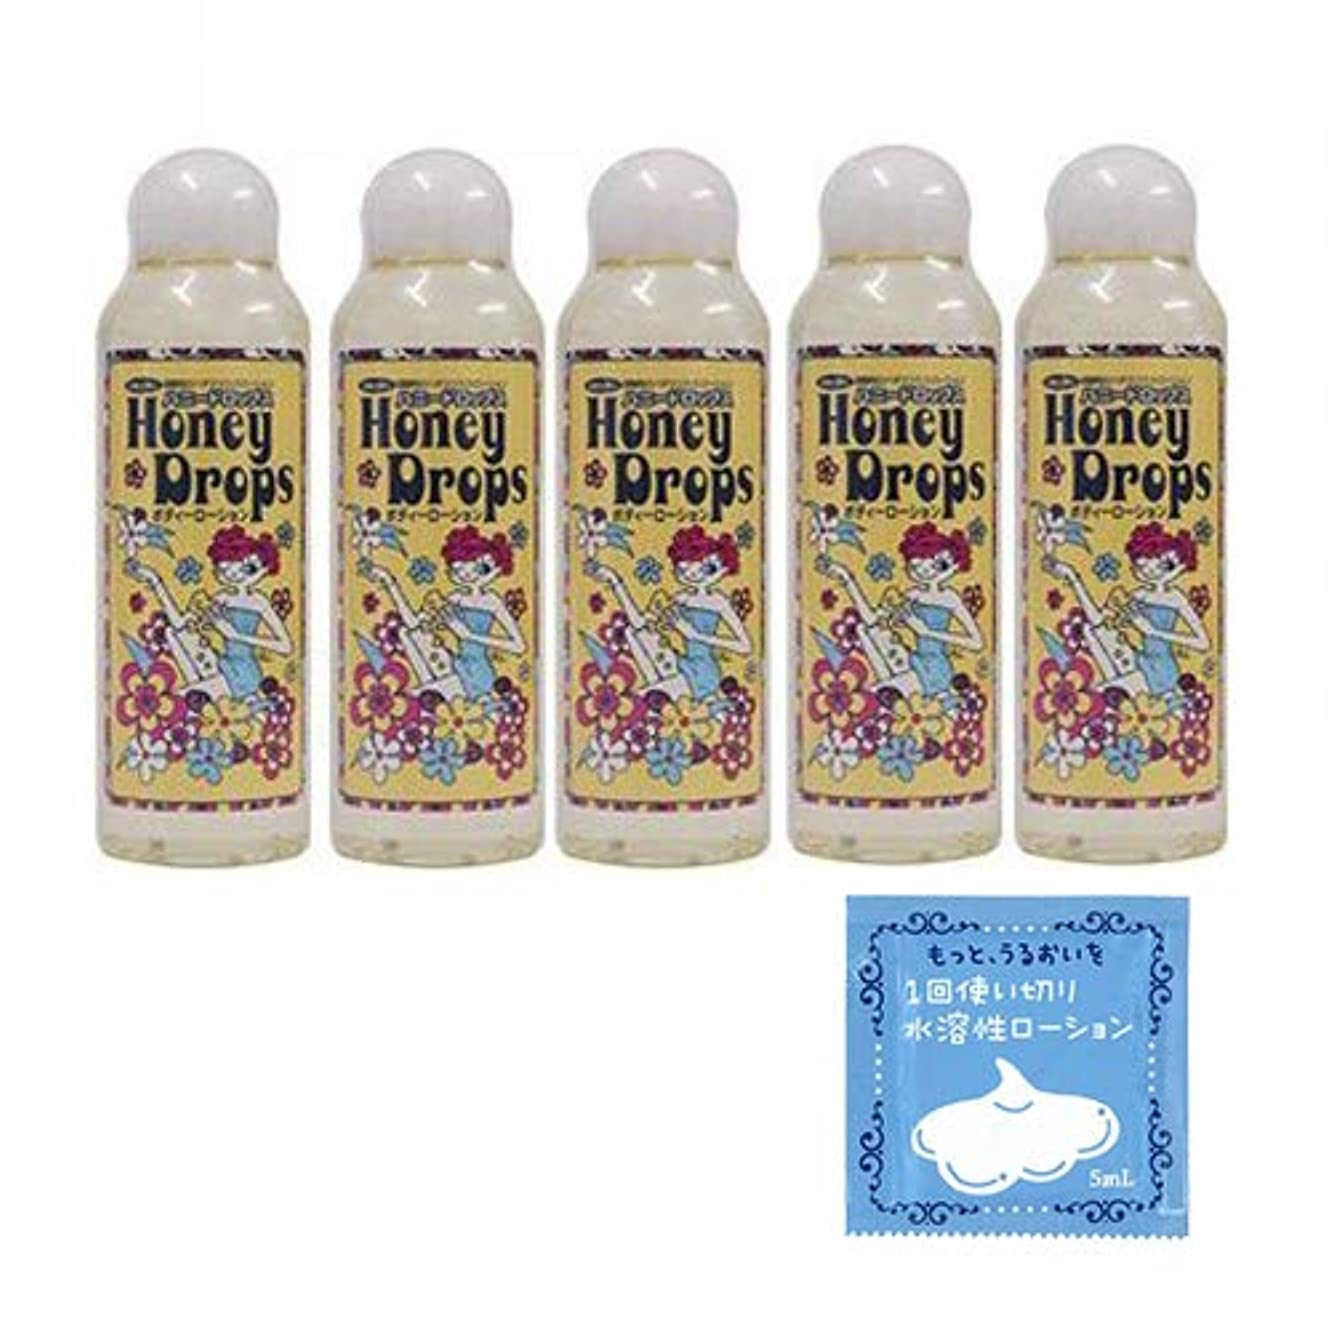 チップジェムリーハニードロップス150mL HoneyDrops150 ×5本 +1回使い切り水溶性潤滑ローション